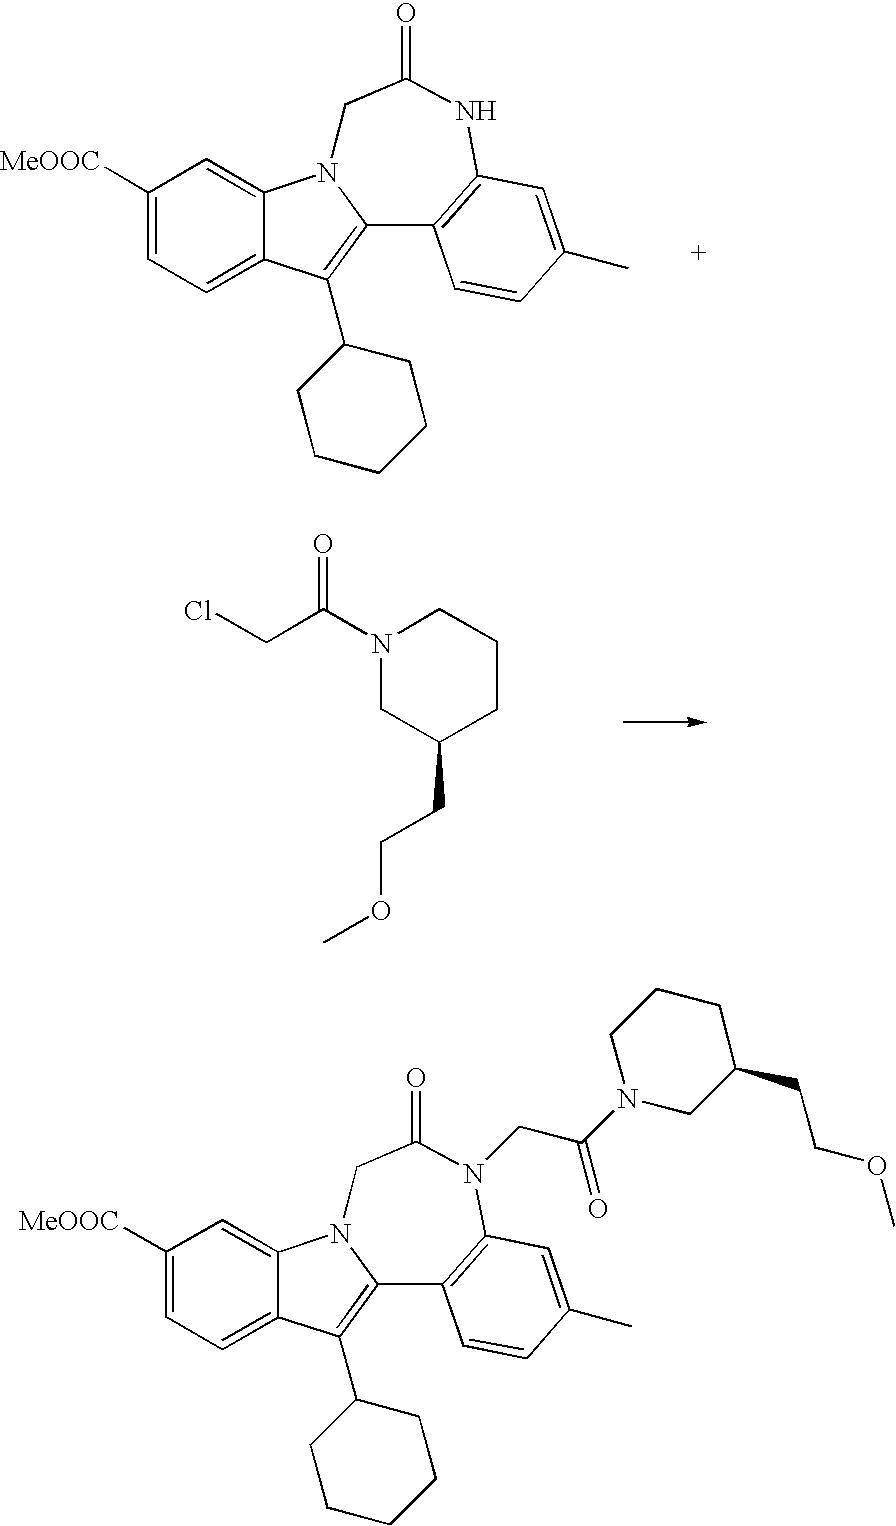 Figure US20070049593A1-20070301-C00374